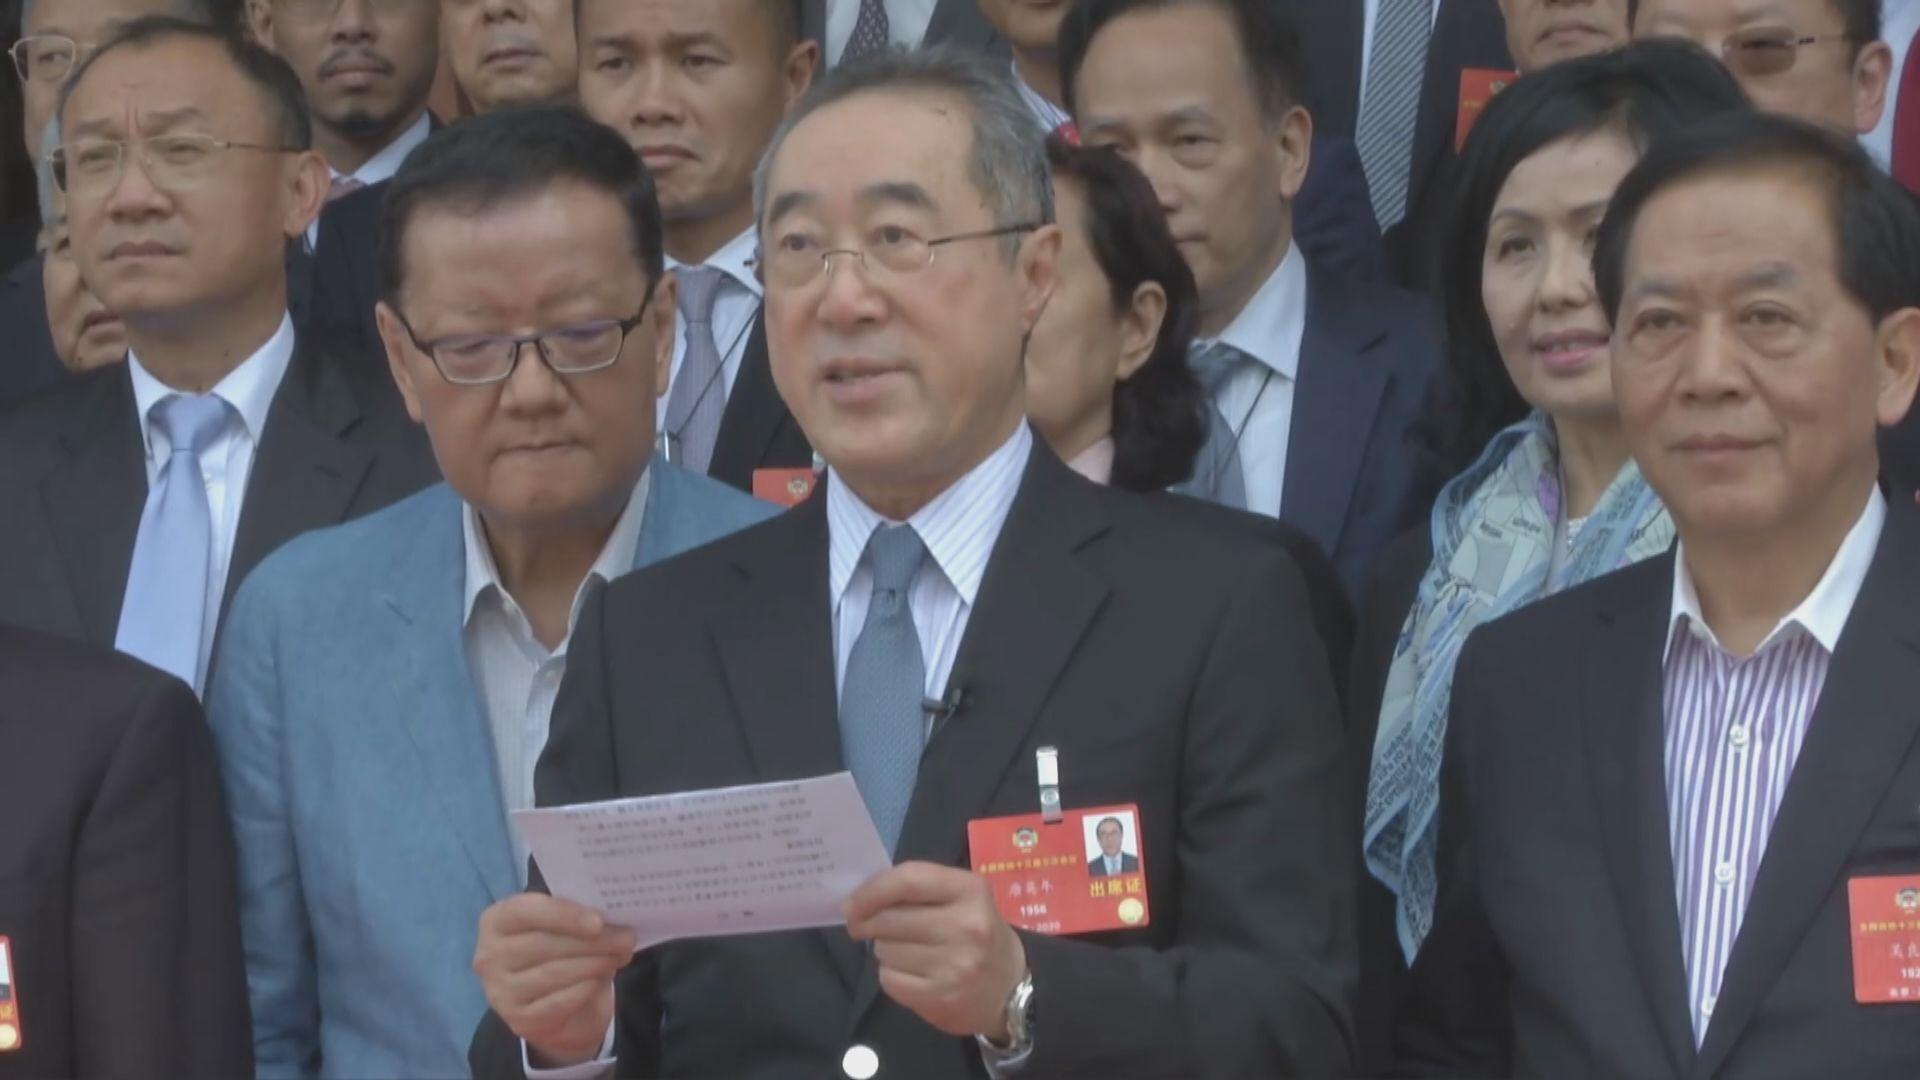 唐英年:沒有國家安全就沒有香港的繁榮穩定